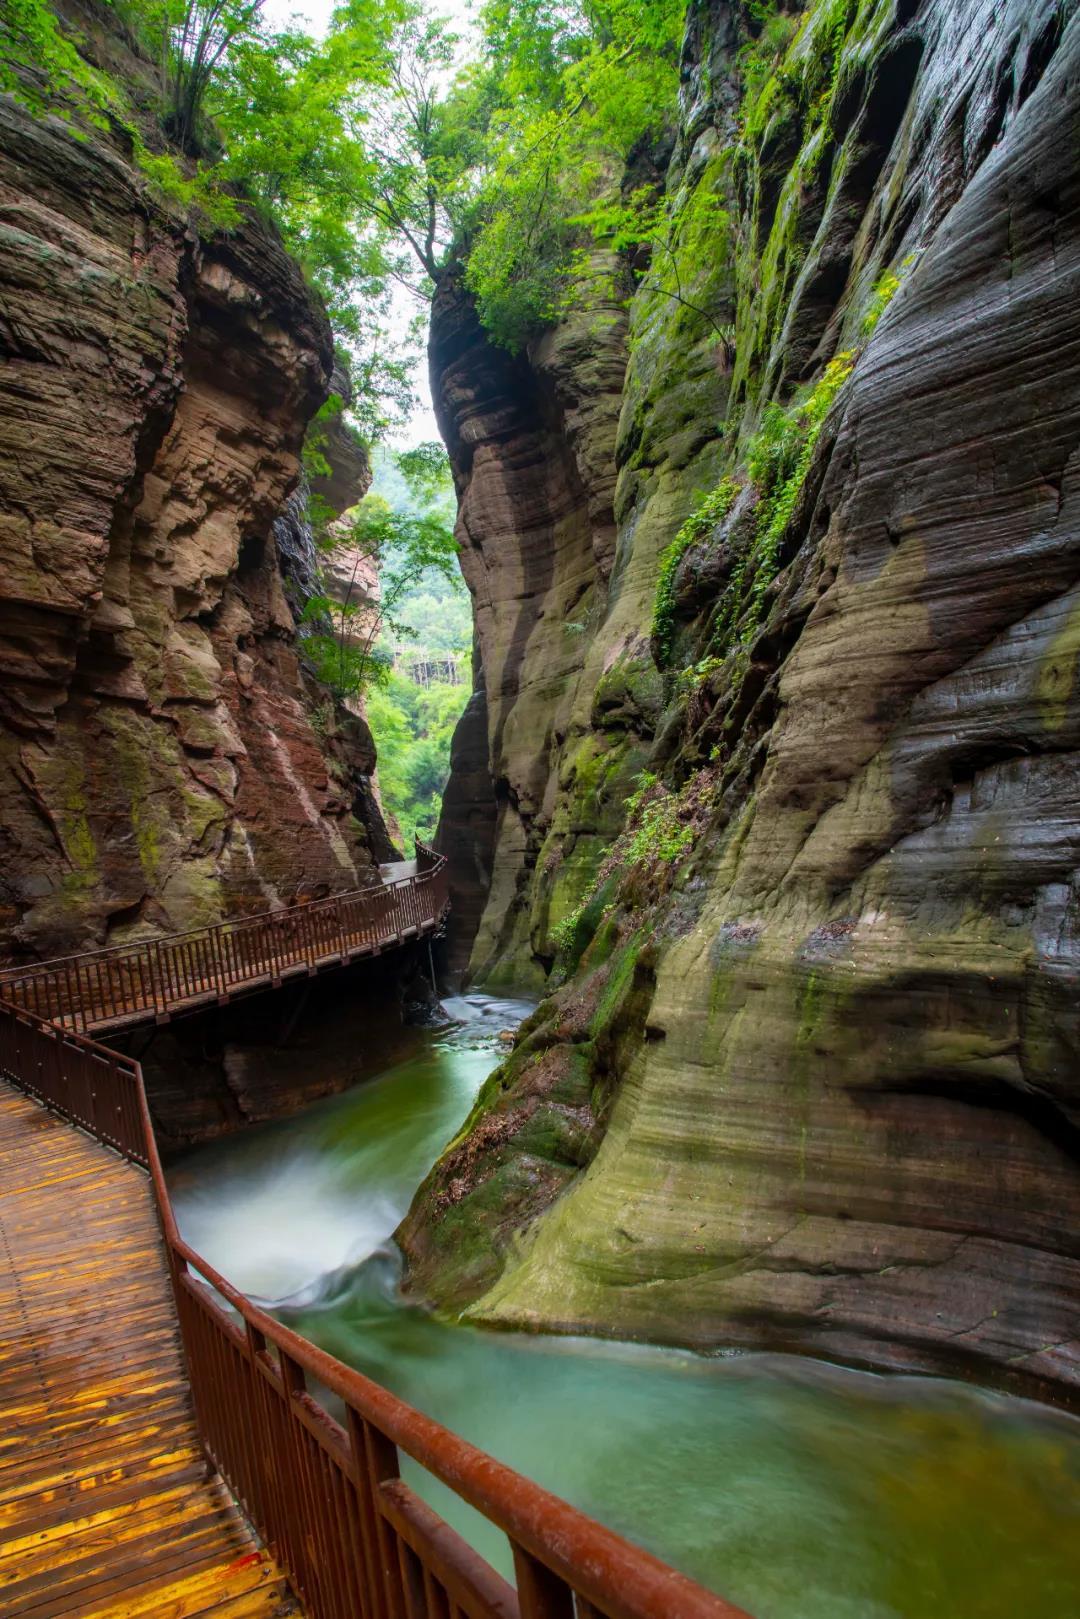 云游龙潭大峡谷 | 跟着镜头,带你探秘龙潭之美!